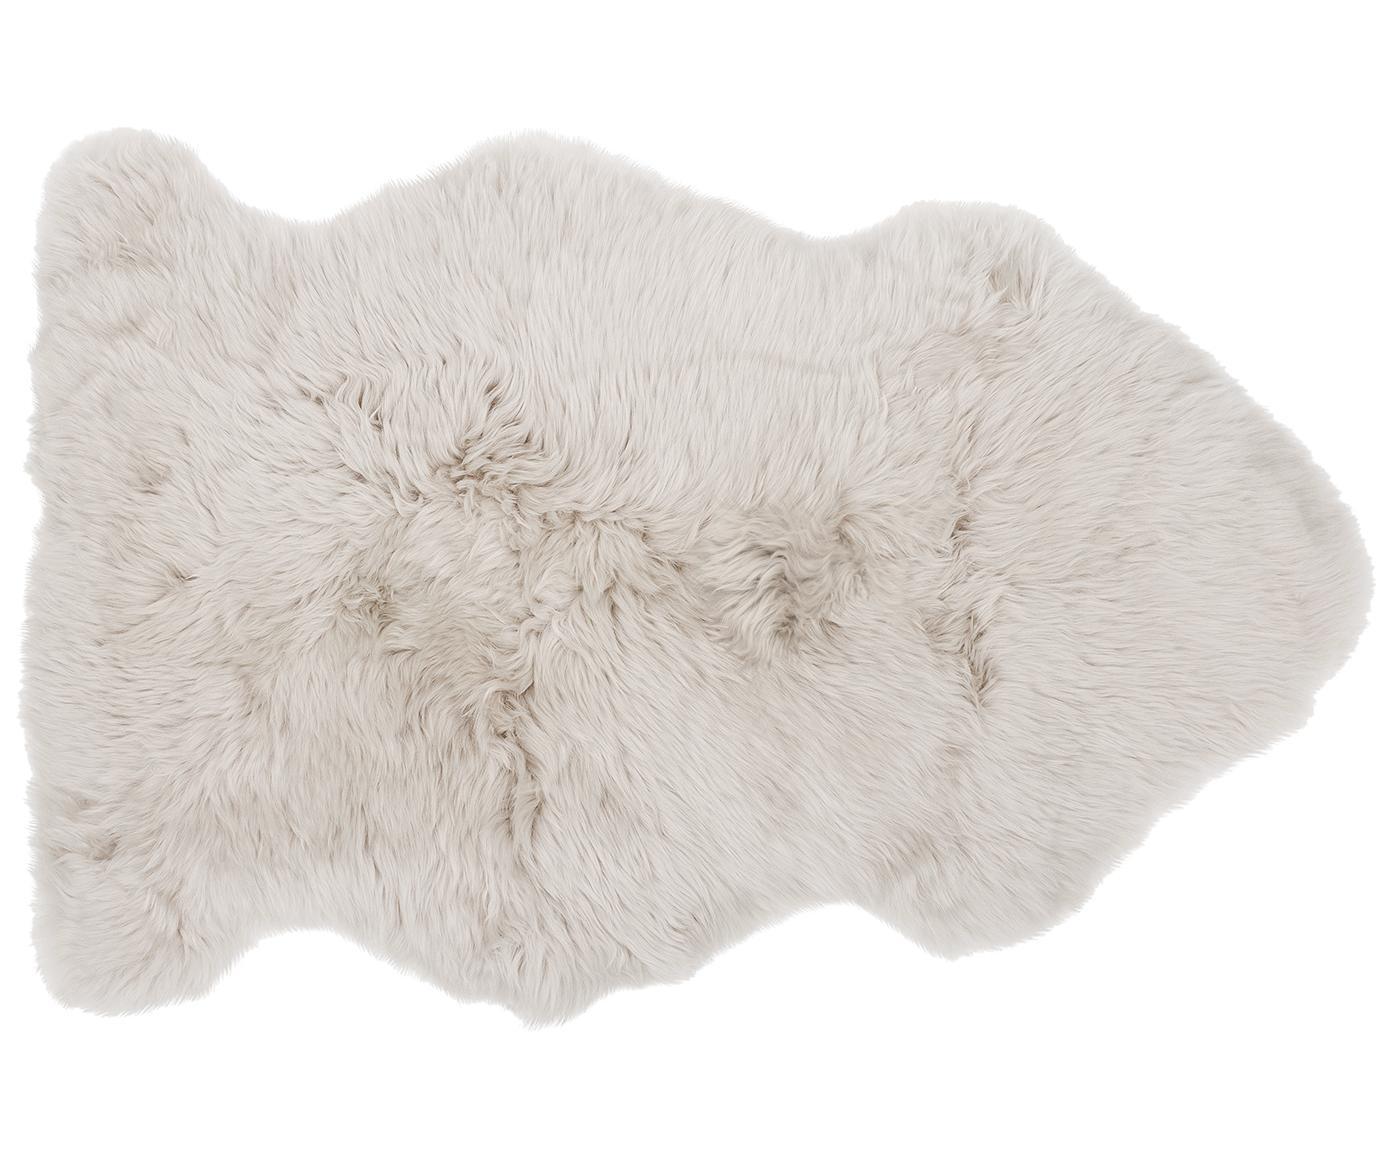 Schapenvacht Oslo, glad, Bovenzijde: 100% schapenvacht, Onderzijde: 100% leer, chroomvrij gel, Beige, 60 x 90 cm